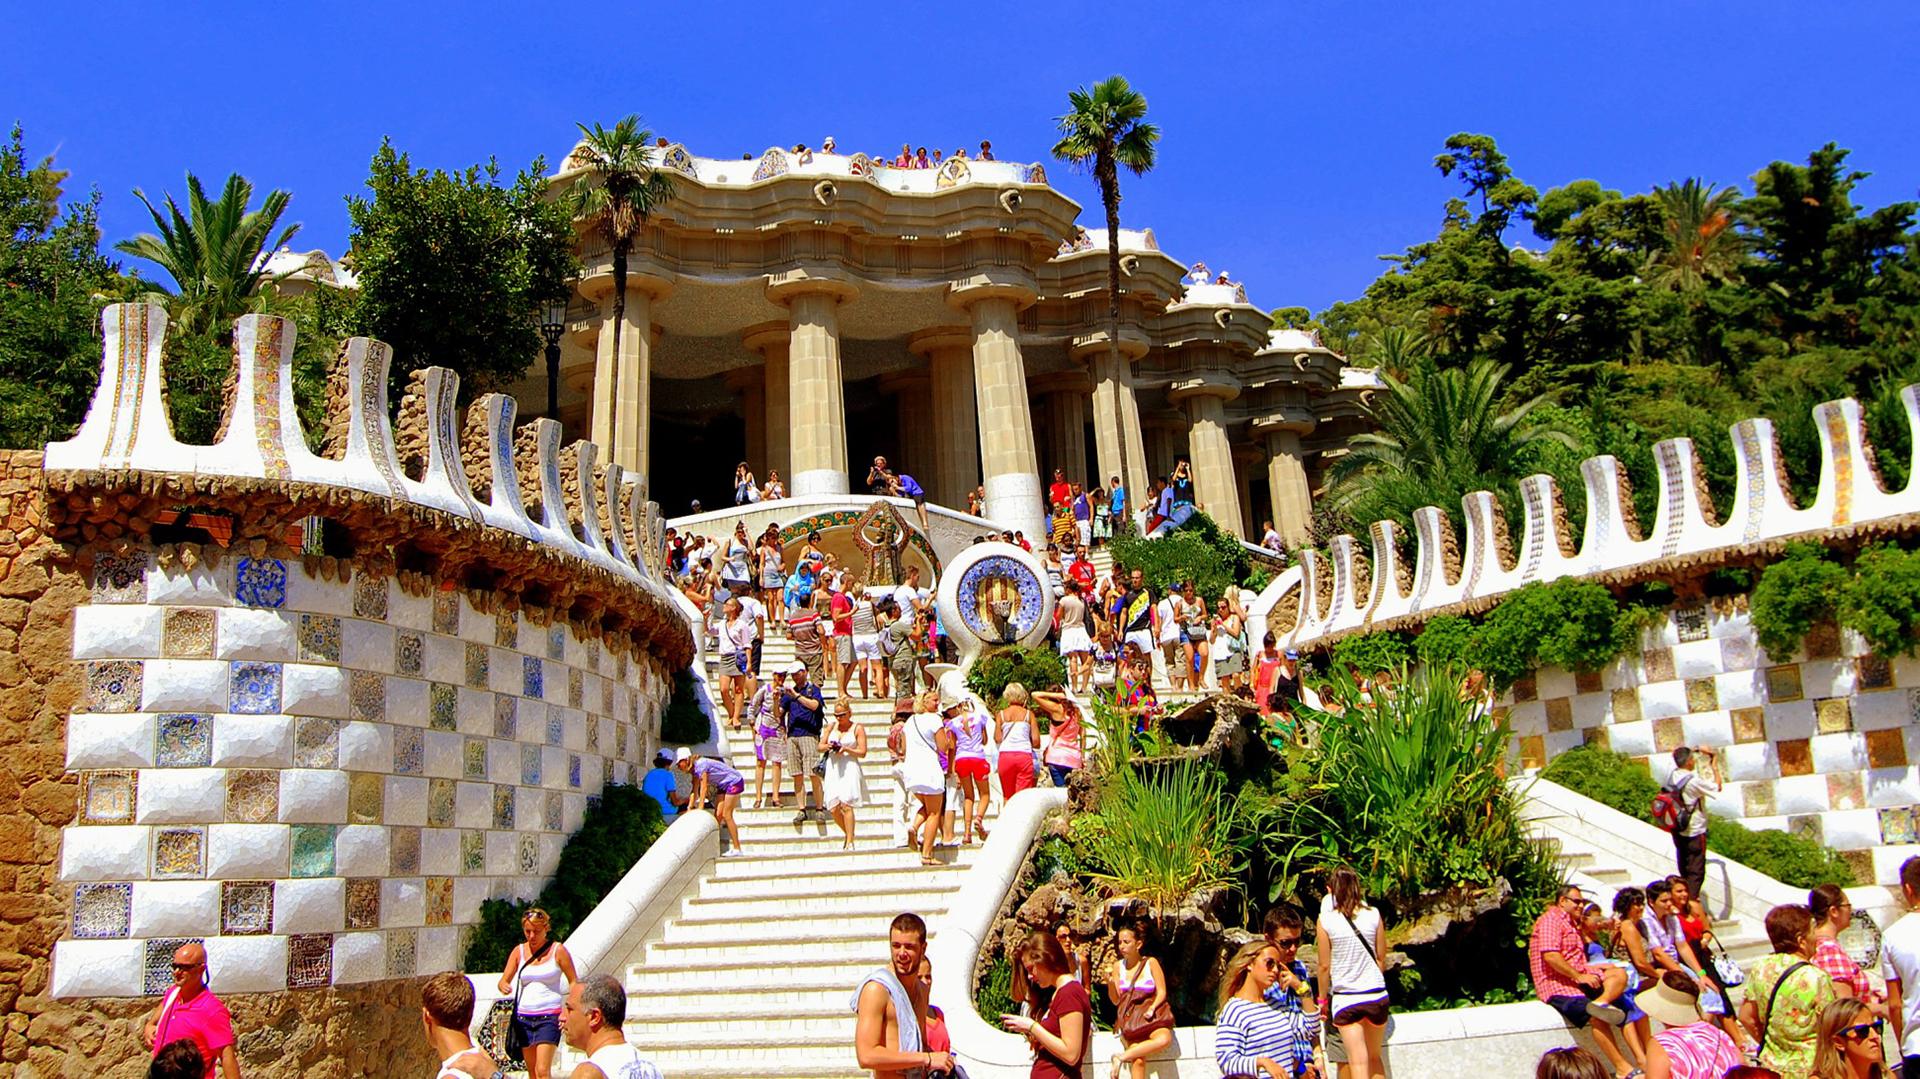 La obra de Gaudí estuvo muy influenciada por la formas de la naturaleza